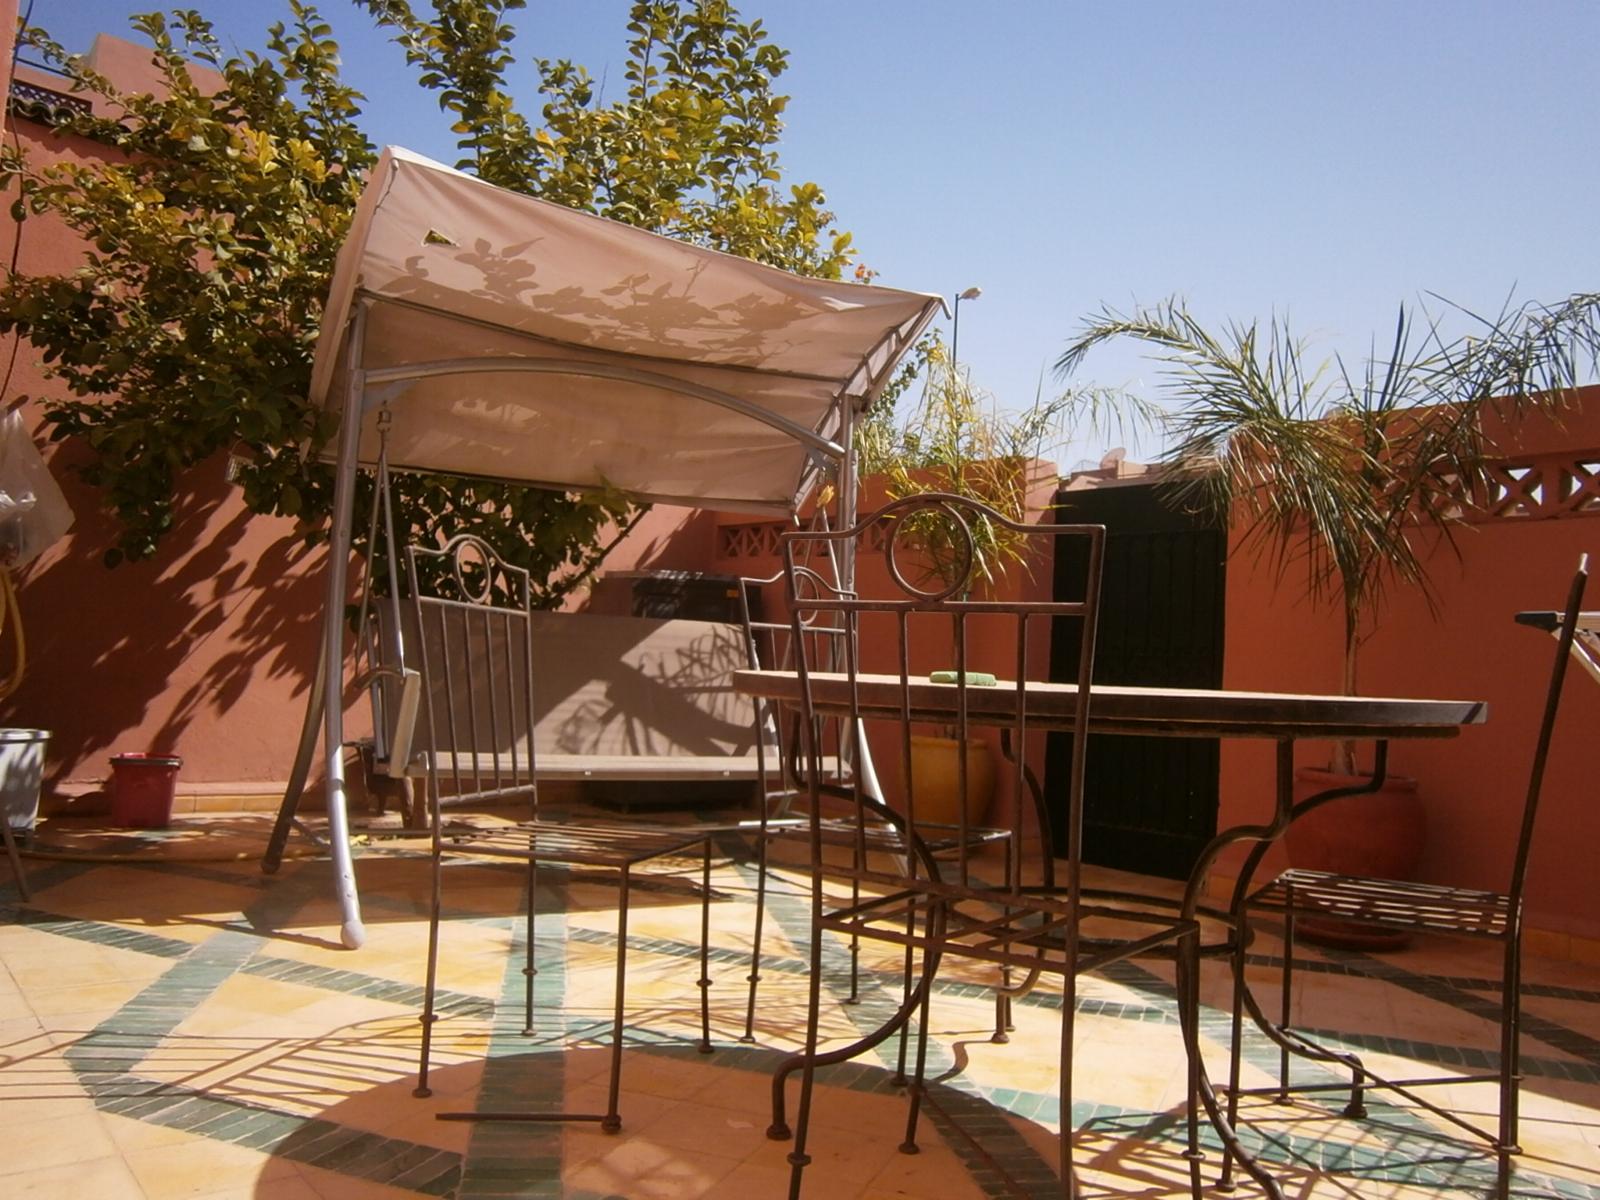 Villa - Maison en location à route de safi, marrakech6500route de safi, marrakech6500